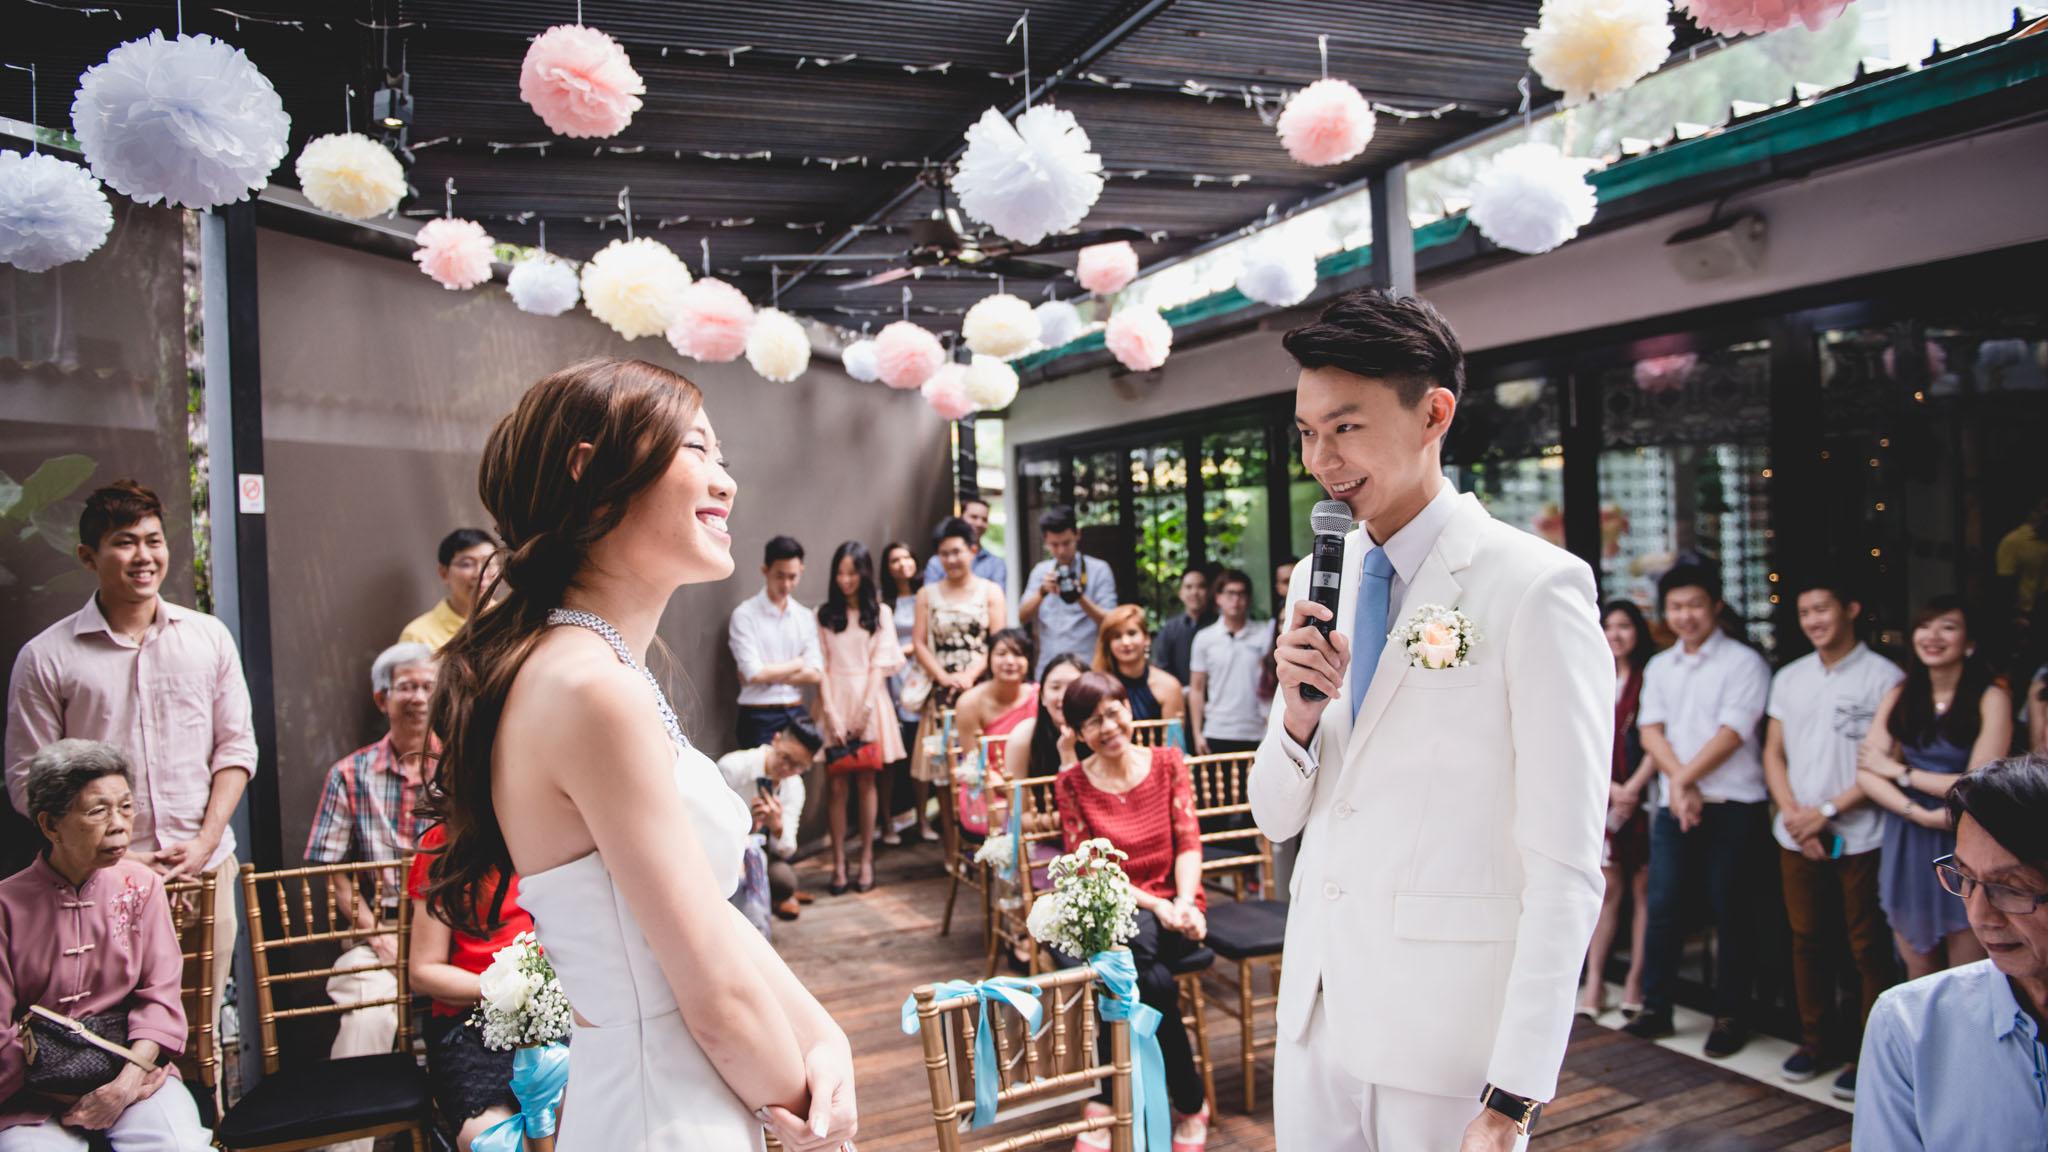 Wedding skyve 36.JPG